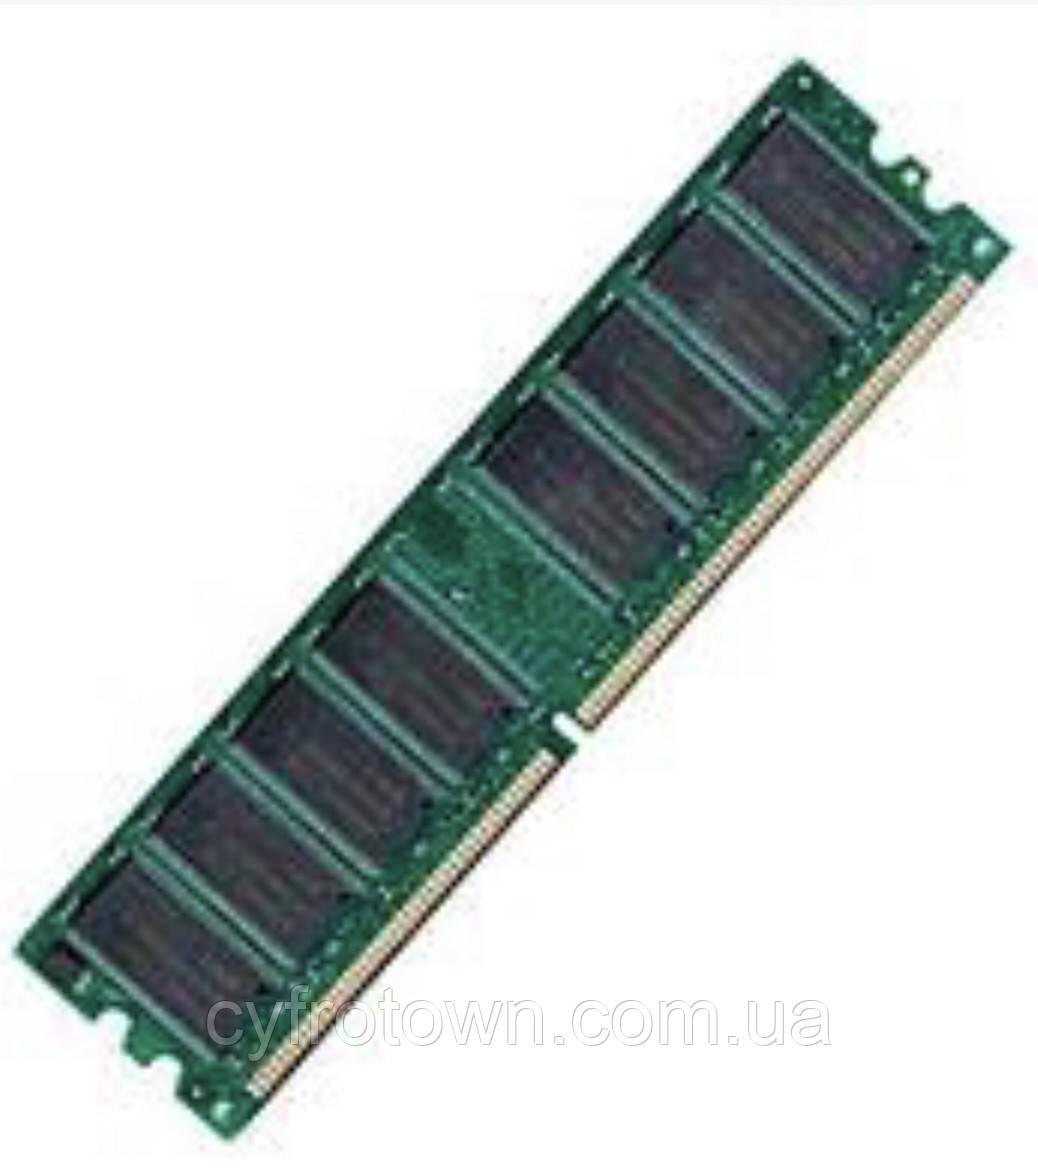 Оперативная память 1GB DDR1 PC3200 400MHz Intel AMD різні виробники для ПК бу